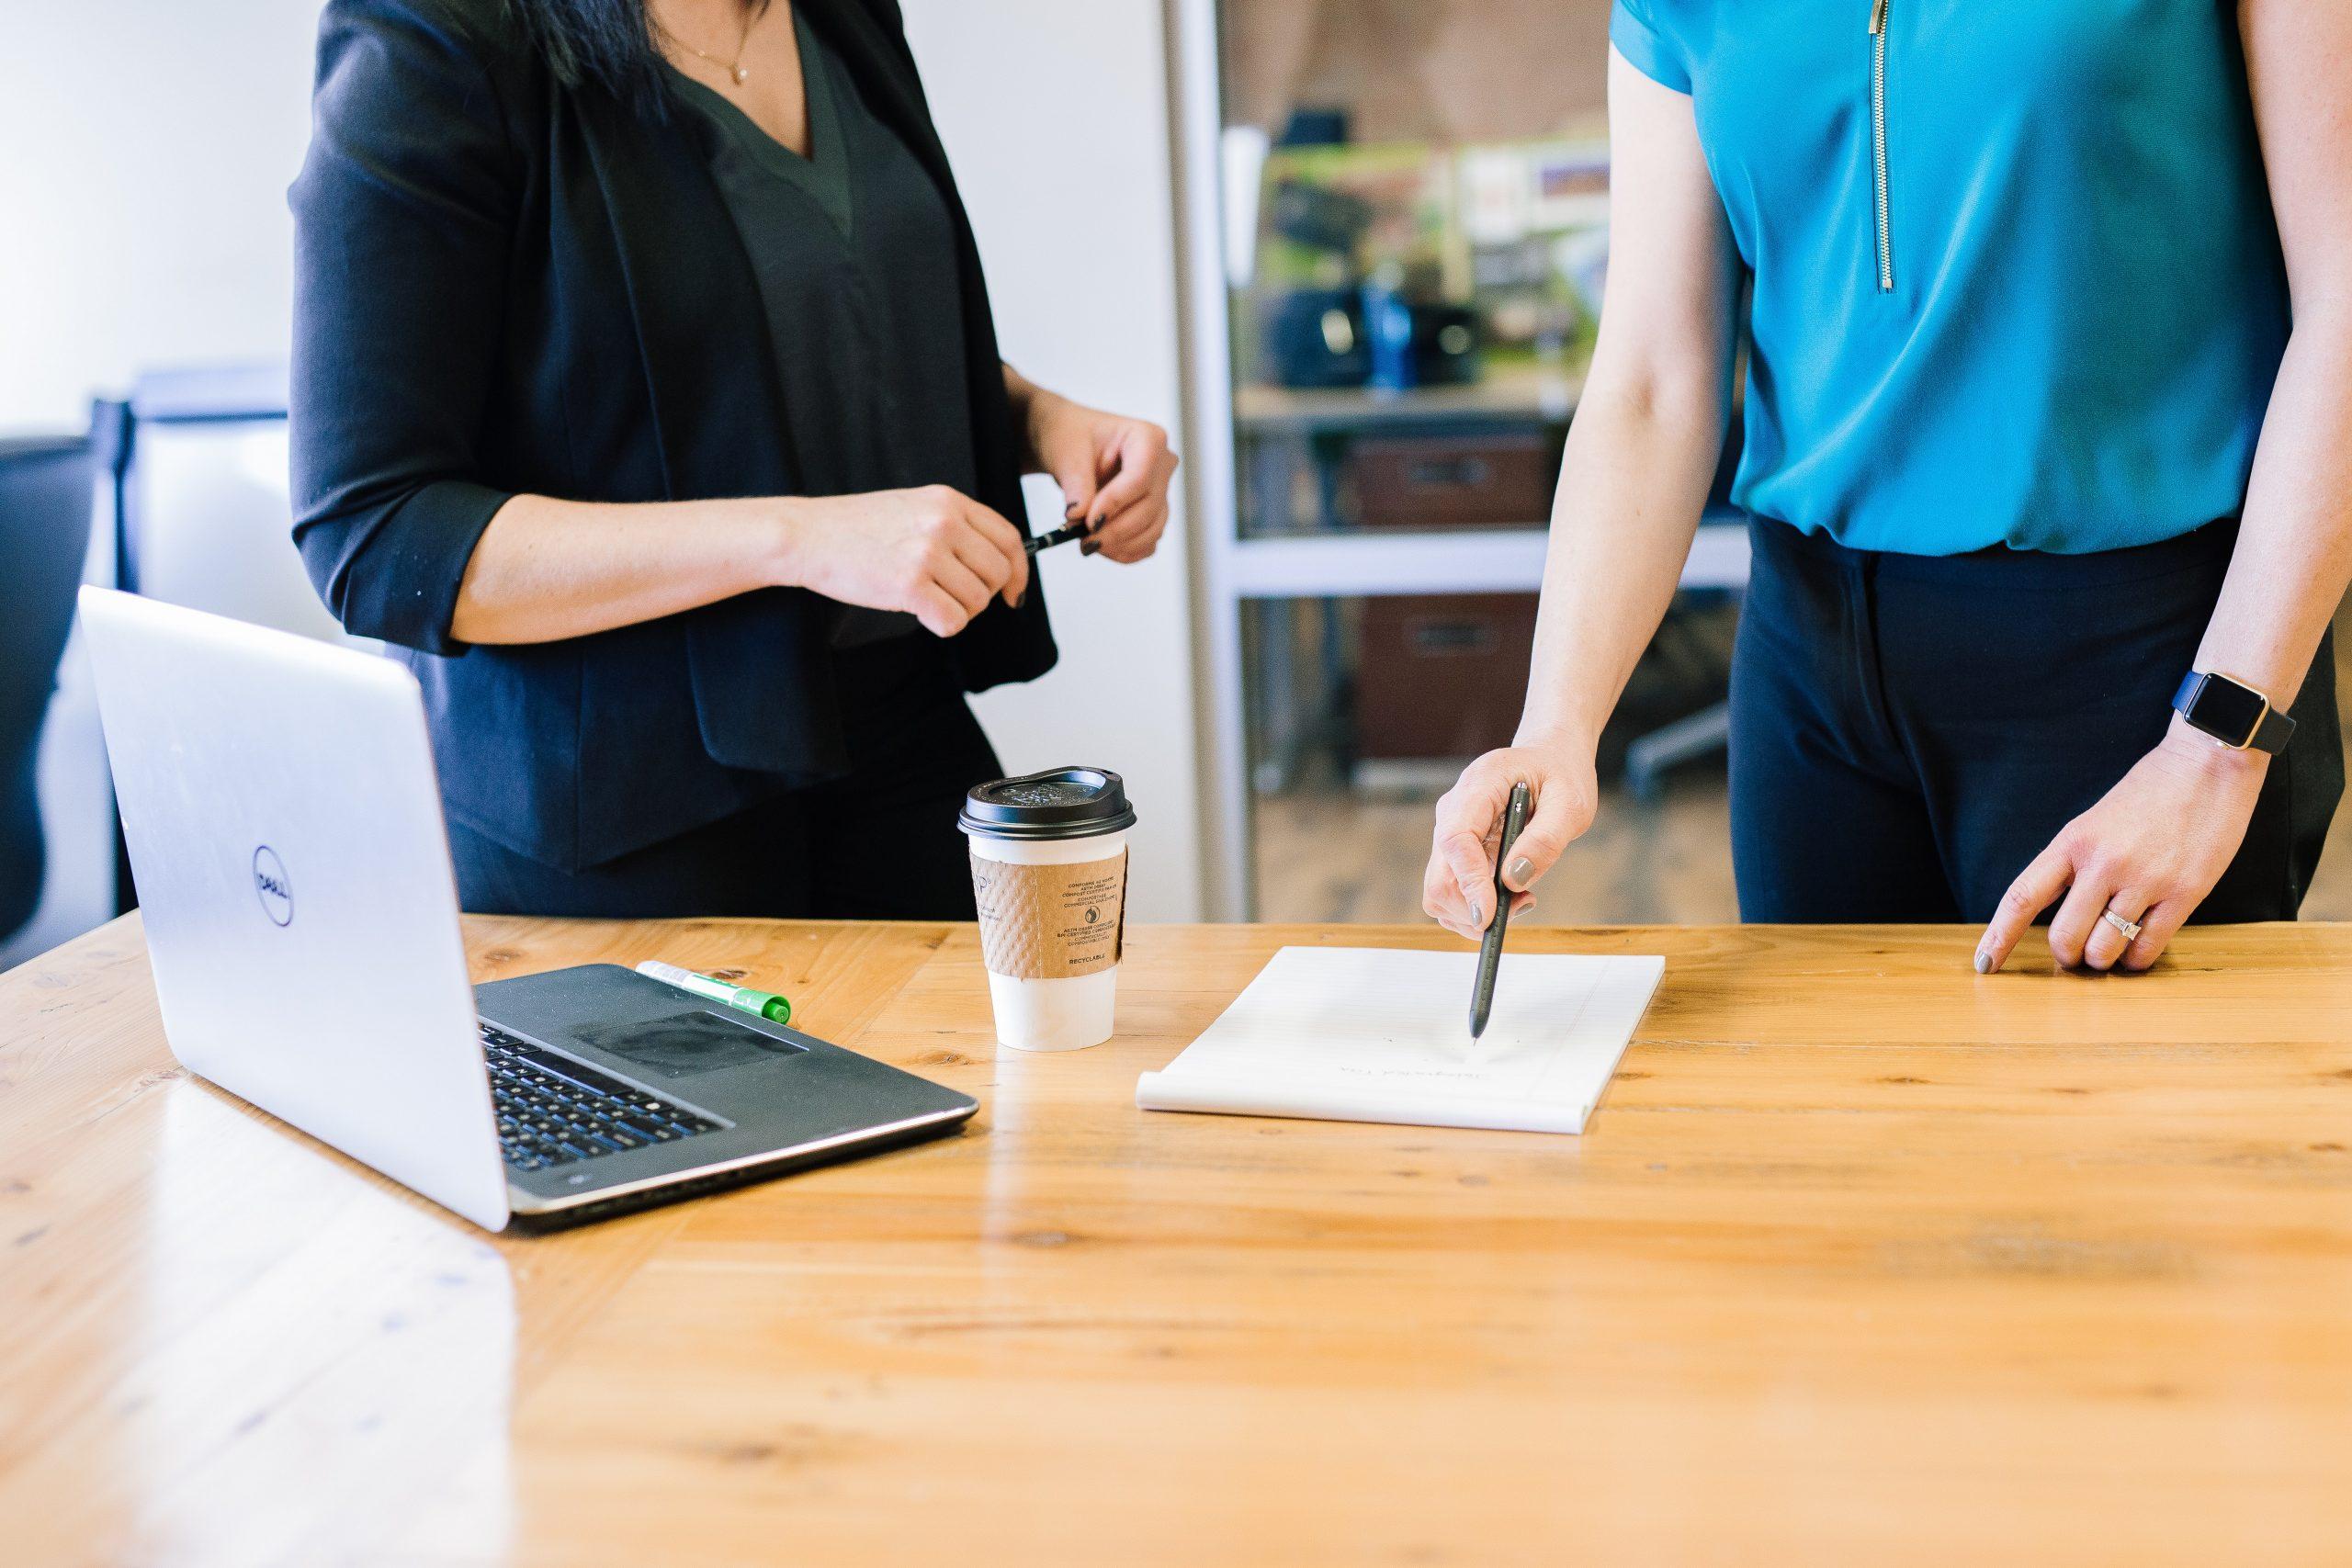 Fotografia de duas mulheres em um escritório com roupas sociais. A foto não mostra os rostos delas. Uma segura uma caneta, enquanto a outra aponta com uma caneta para um contrato. Em cima da mesa, há um copo de café e um notebook.